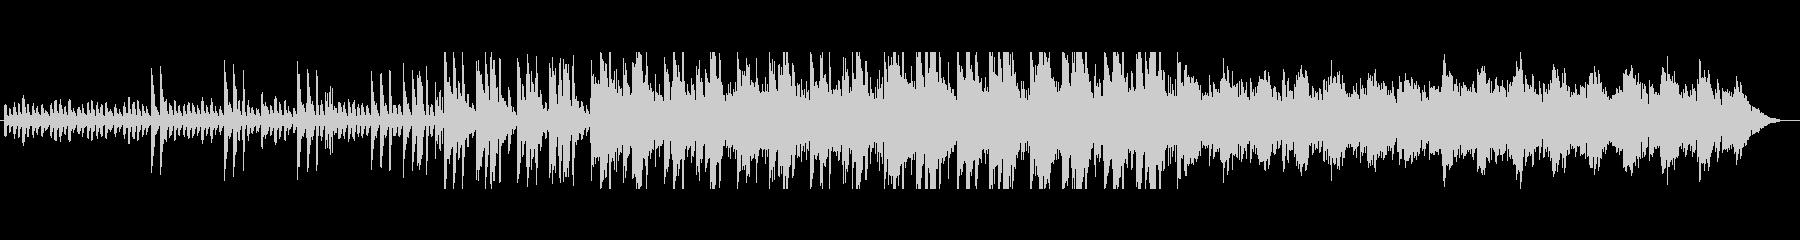 不安げなエレクトロの未再生の波形